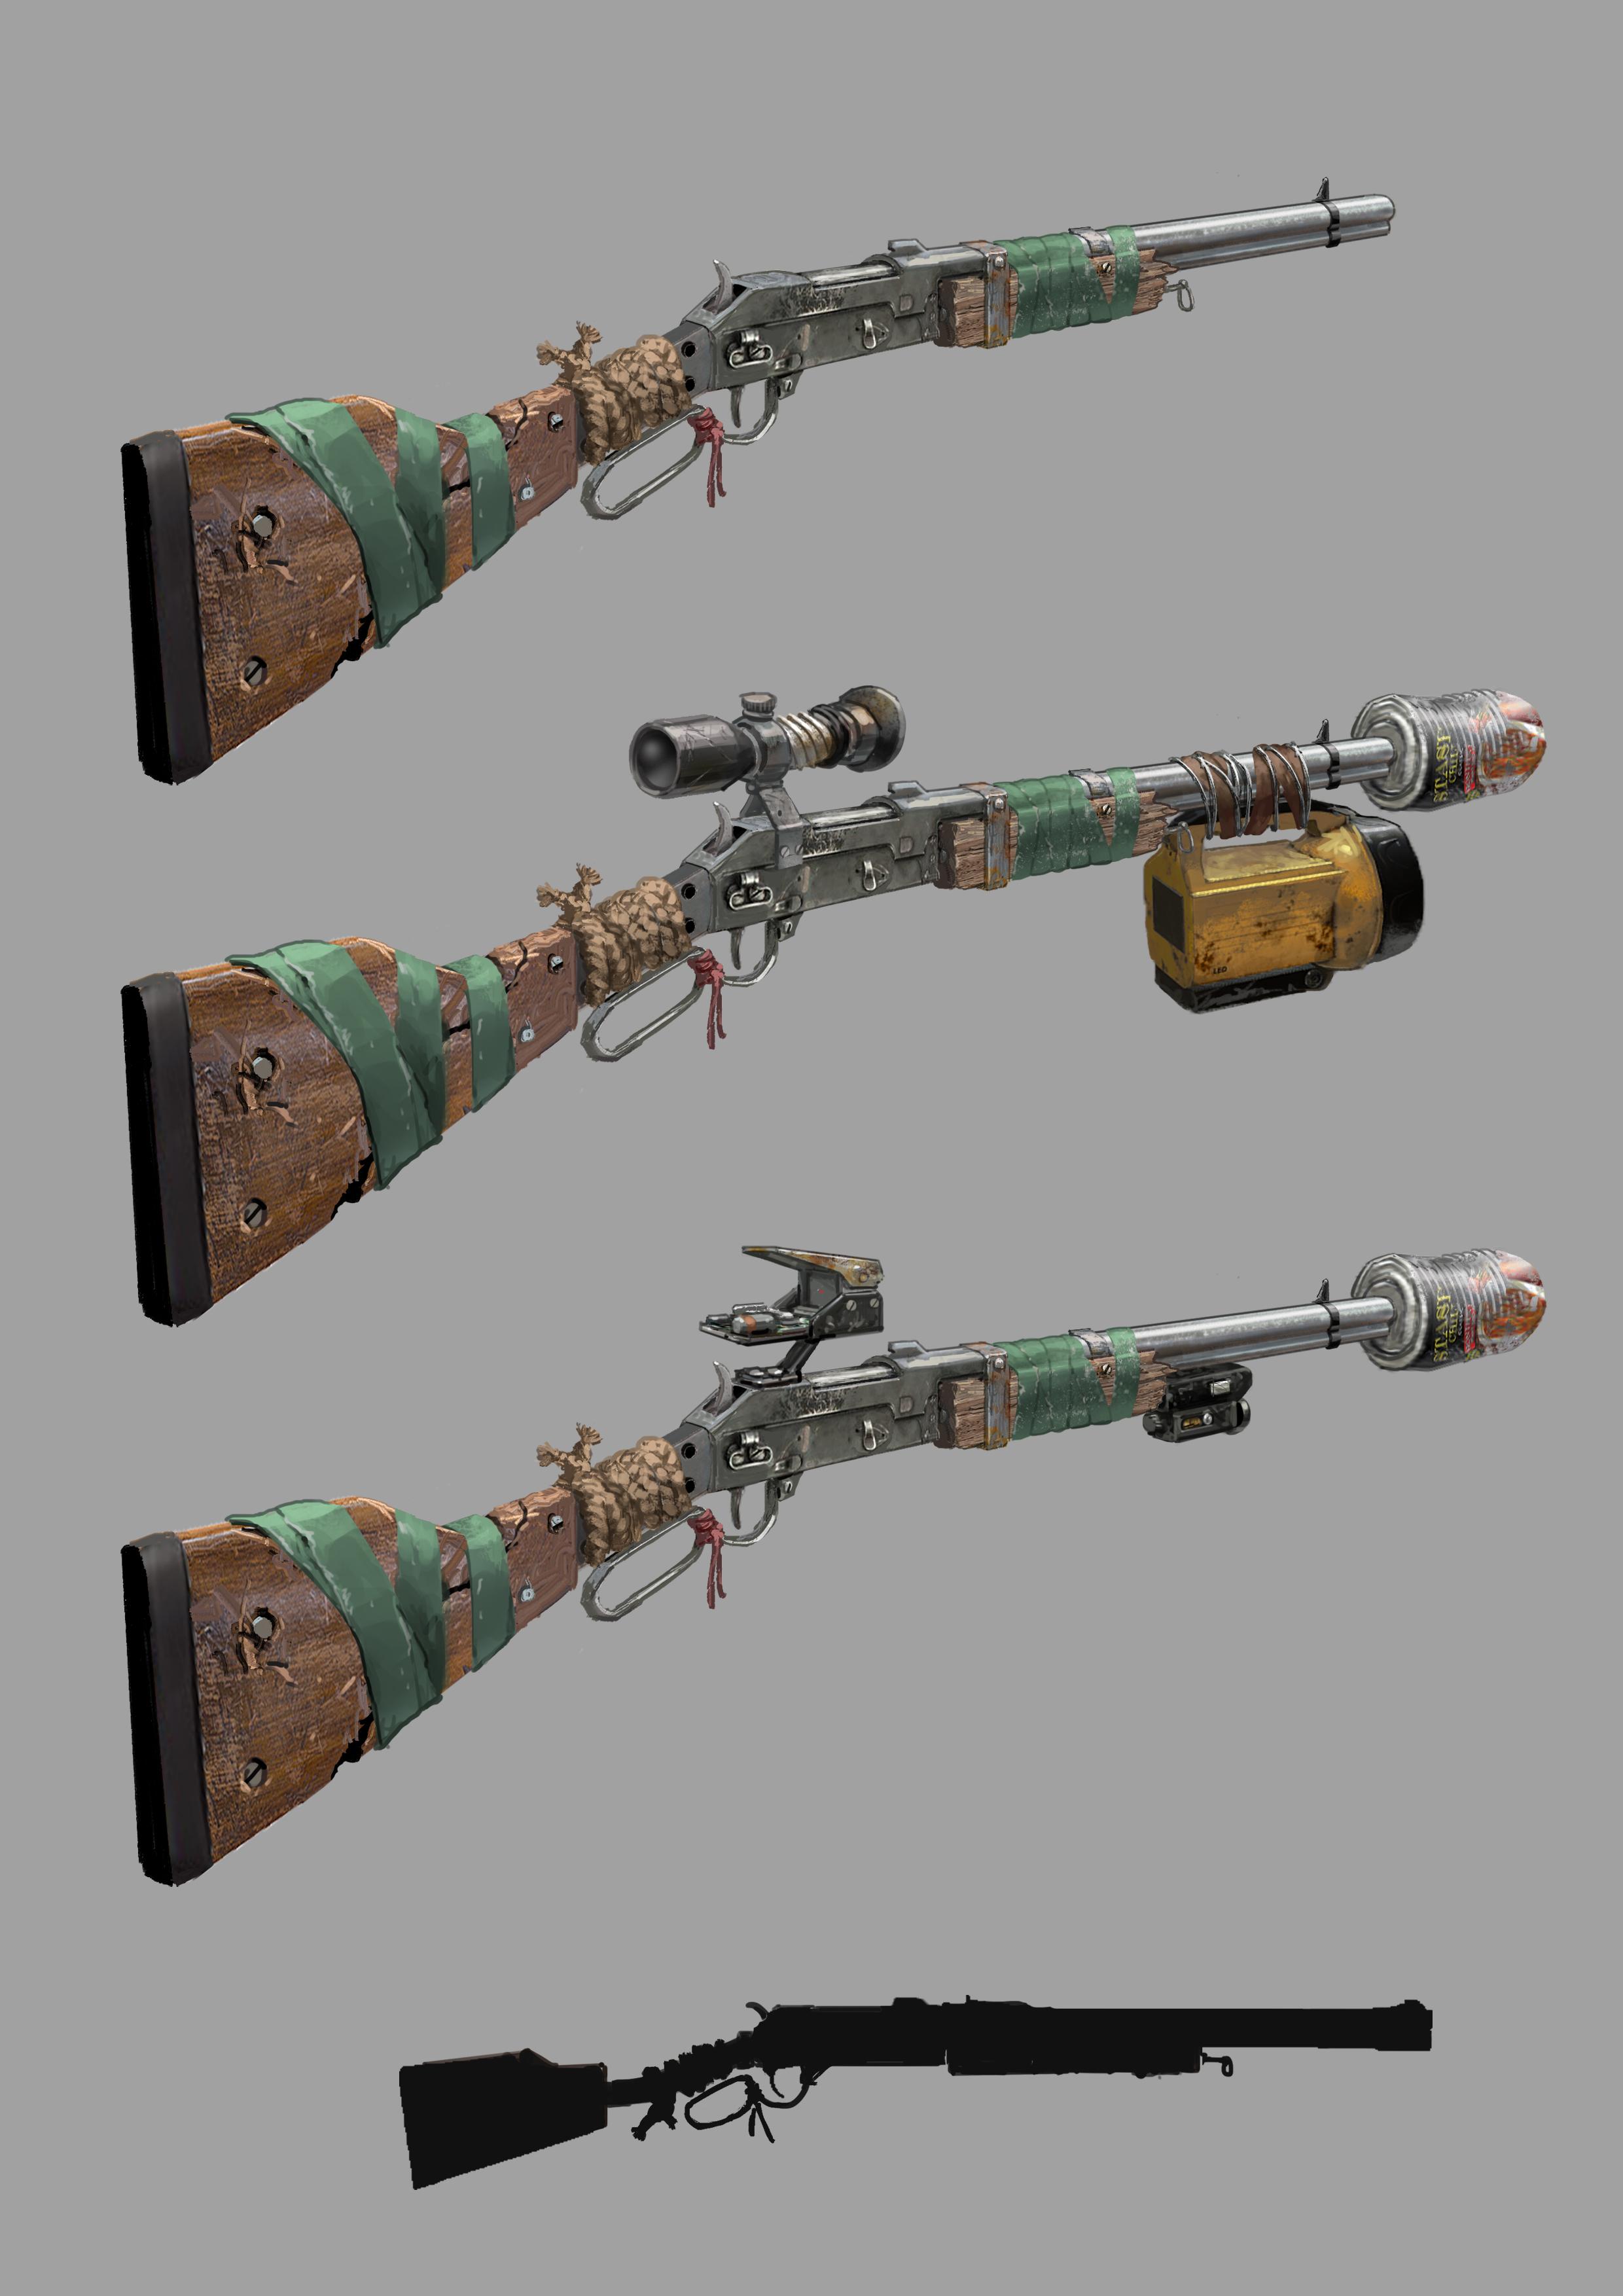 Разработчики 7DtD показали концепт примитивной винтовки, которая должна появится в 20 Альфе.